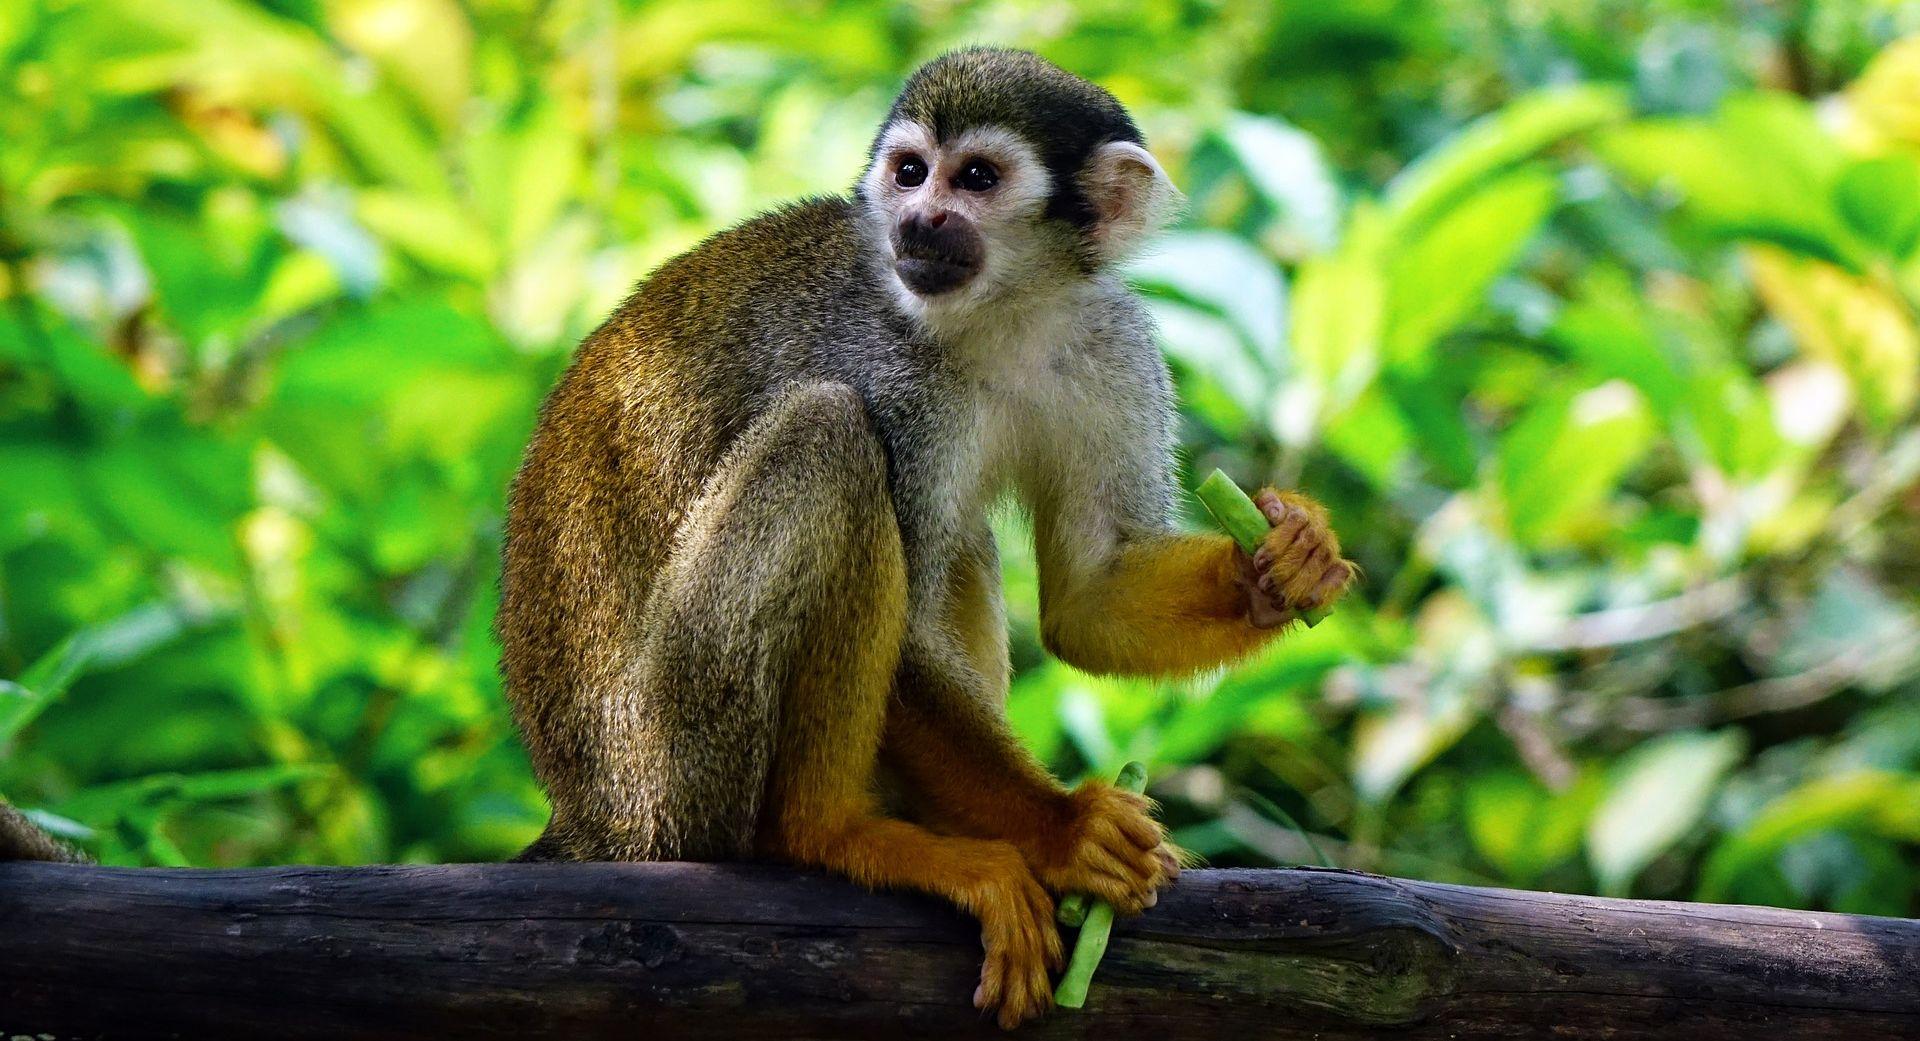 TRAŽE LIJEK ZA BOLEST Kineski znanstvenici 'proizveli' majmune s autizmom